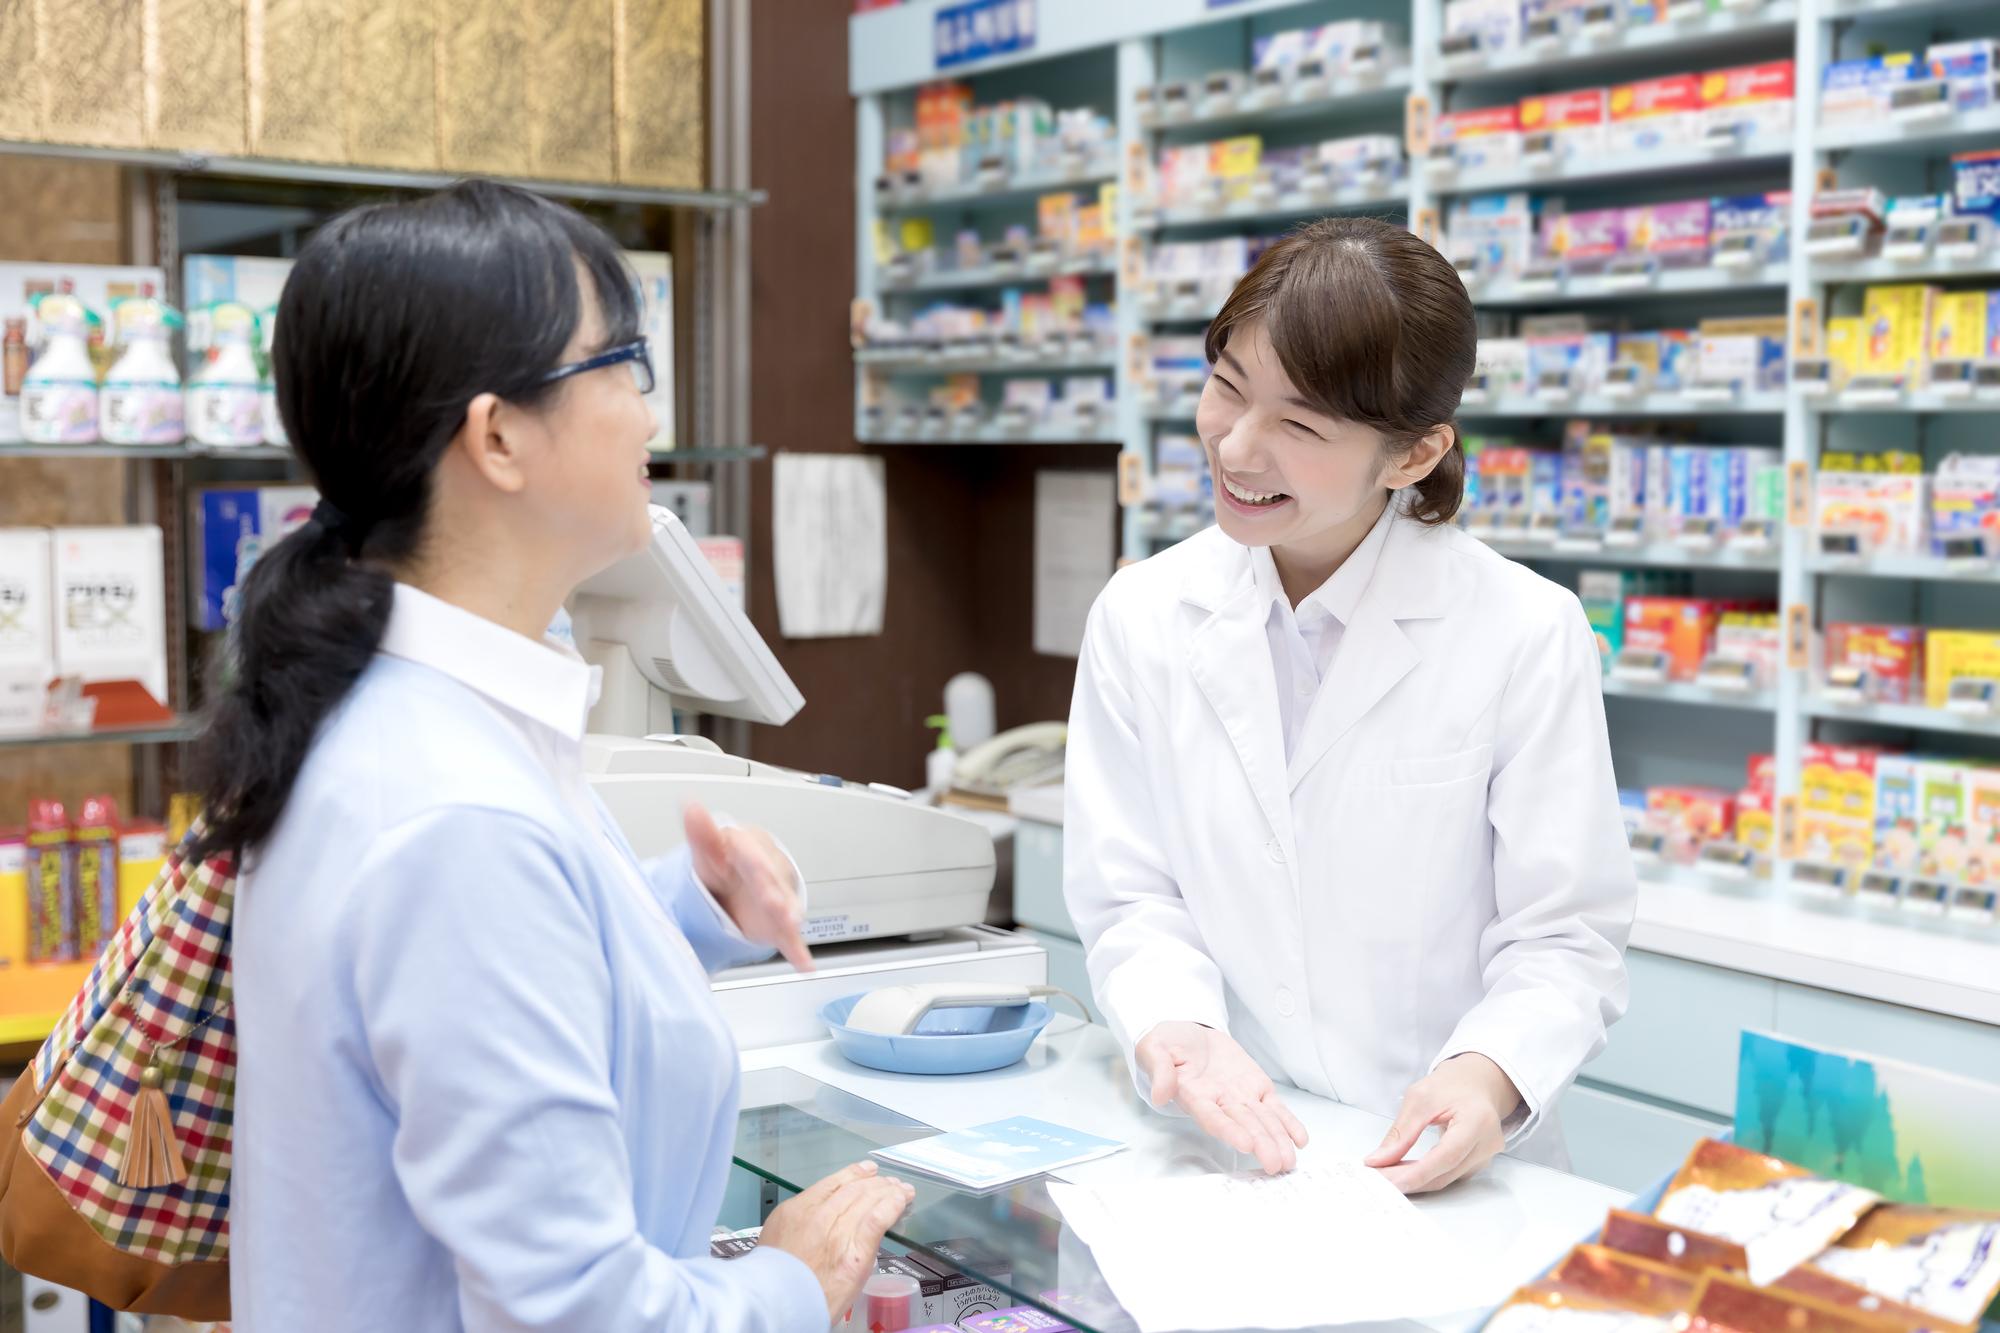 笑顔で患者と話す薬剤師 サプリメントアドバイザー